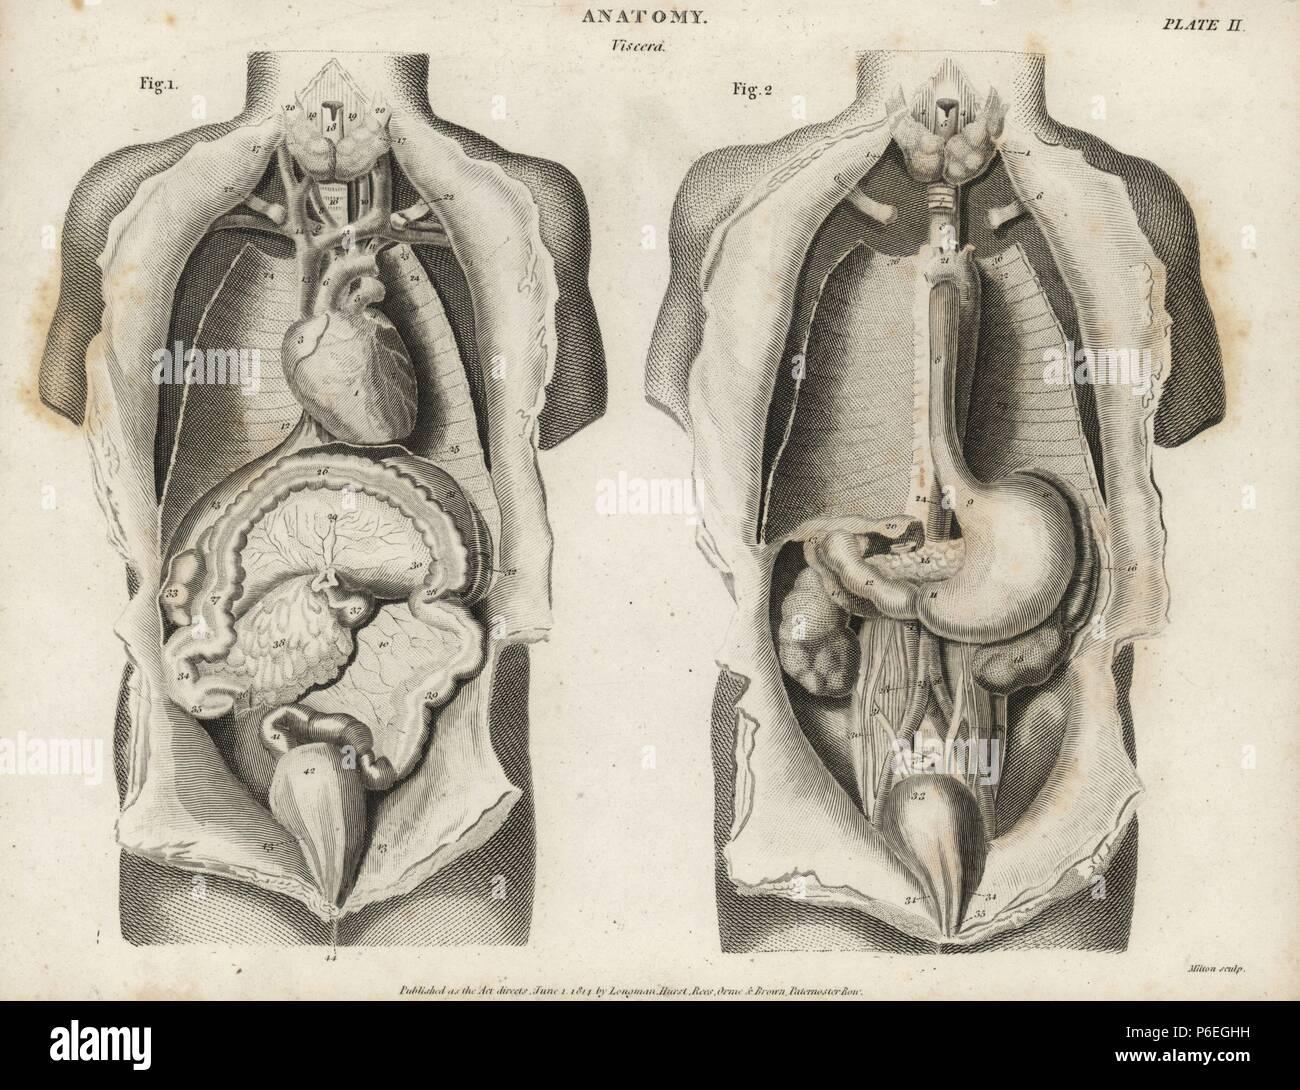 Anatomie der menschlichen inneren Organen von vorne zeigen, Herz ...